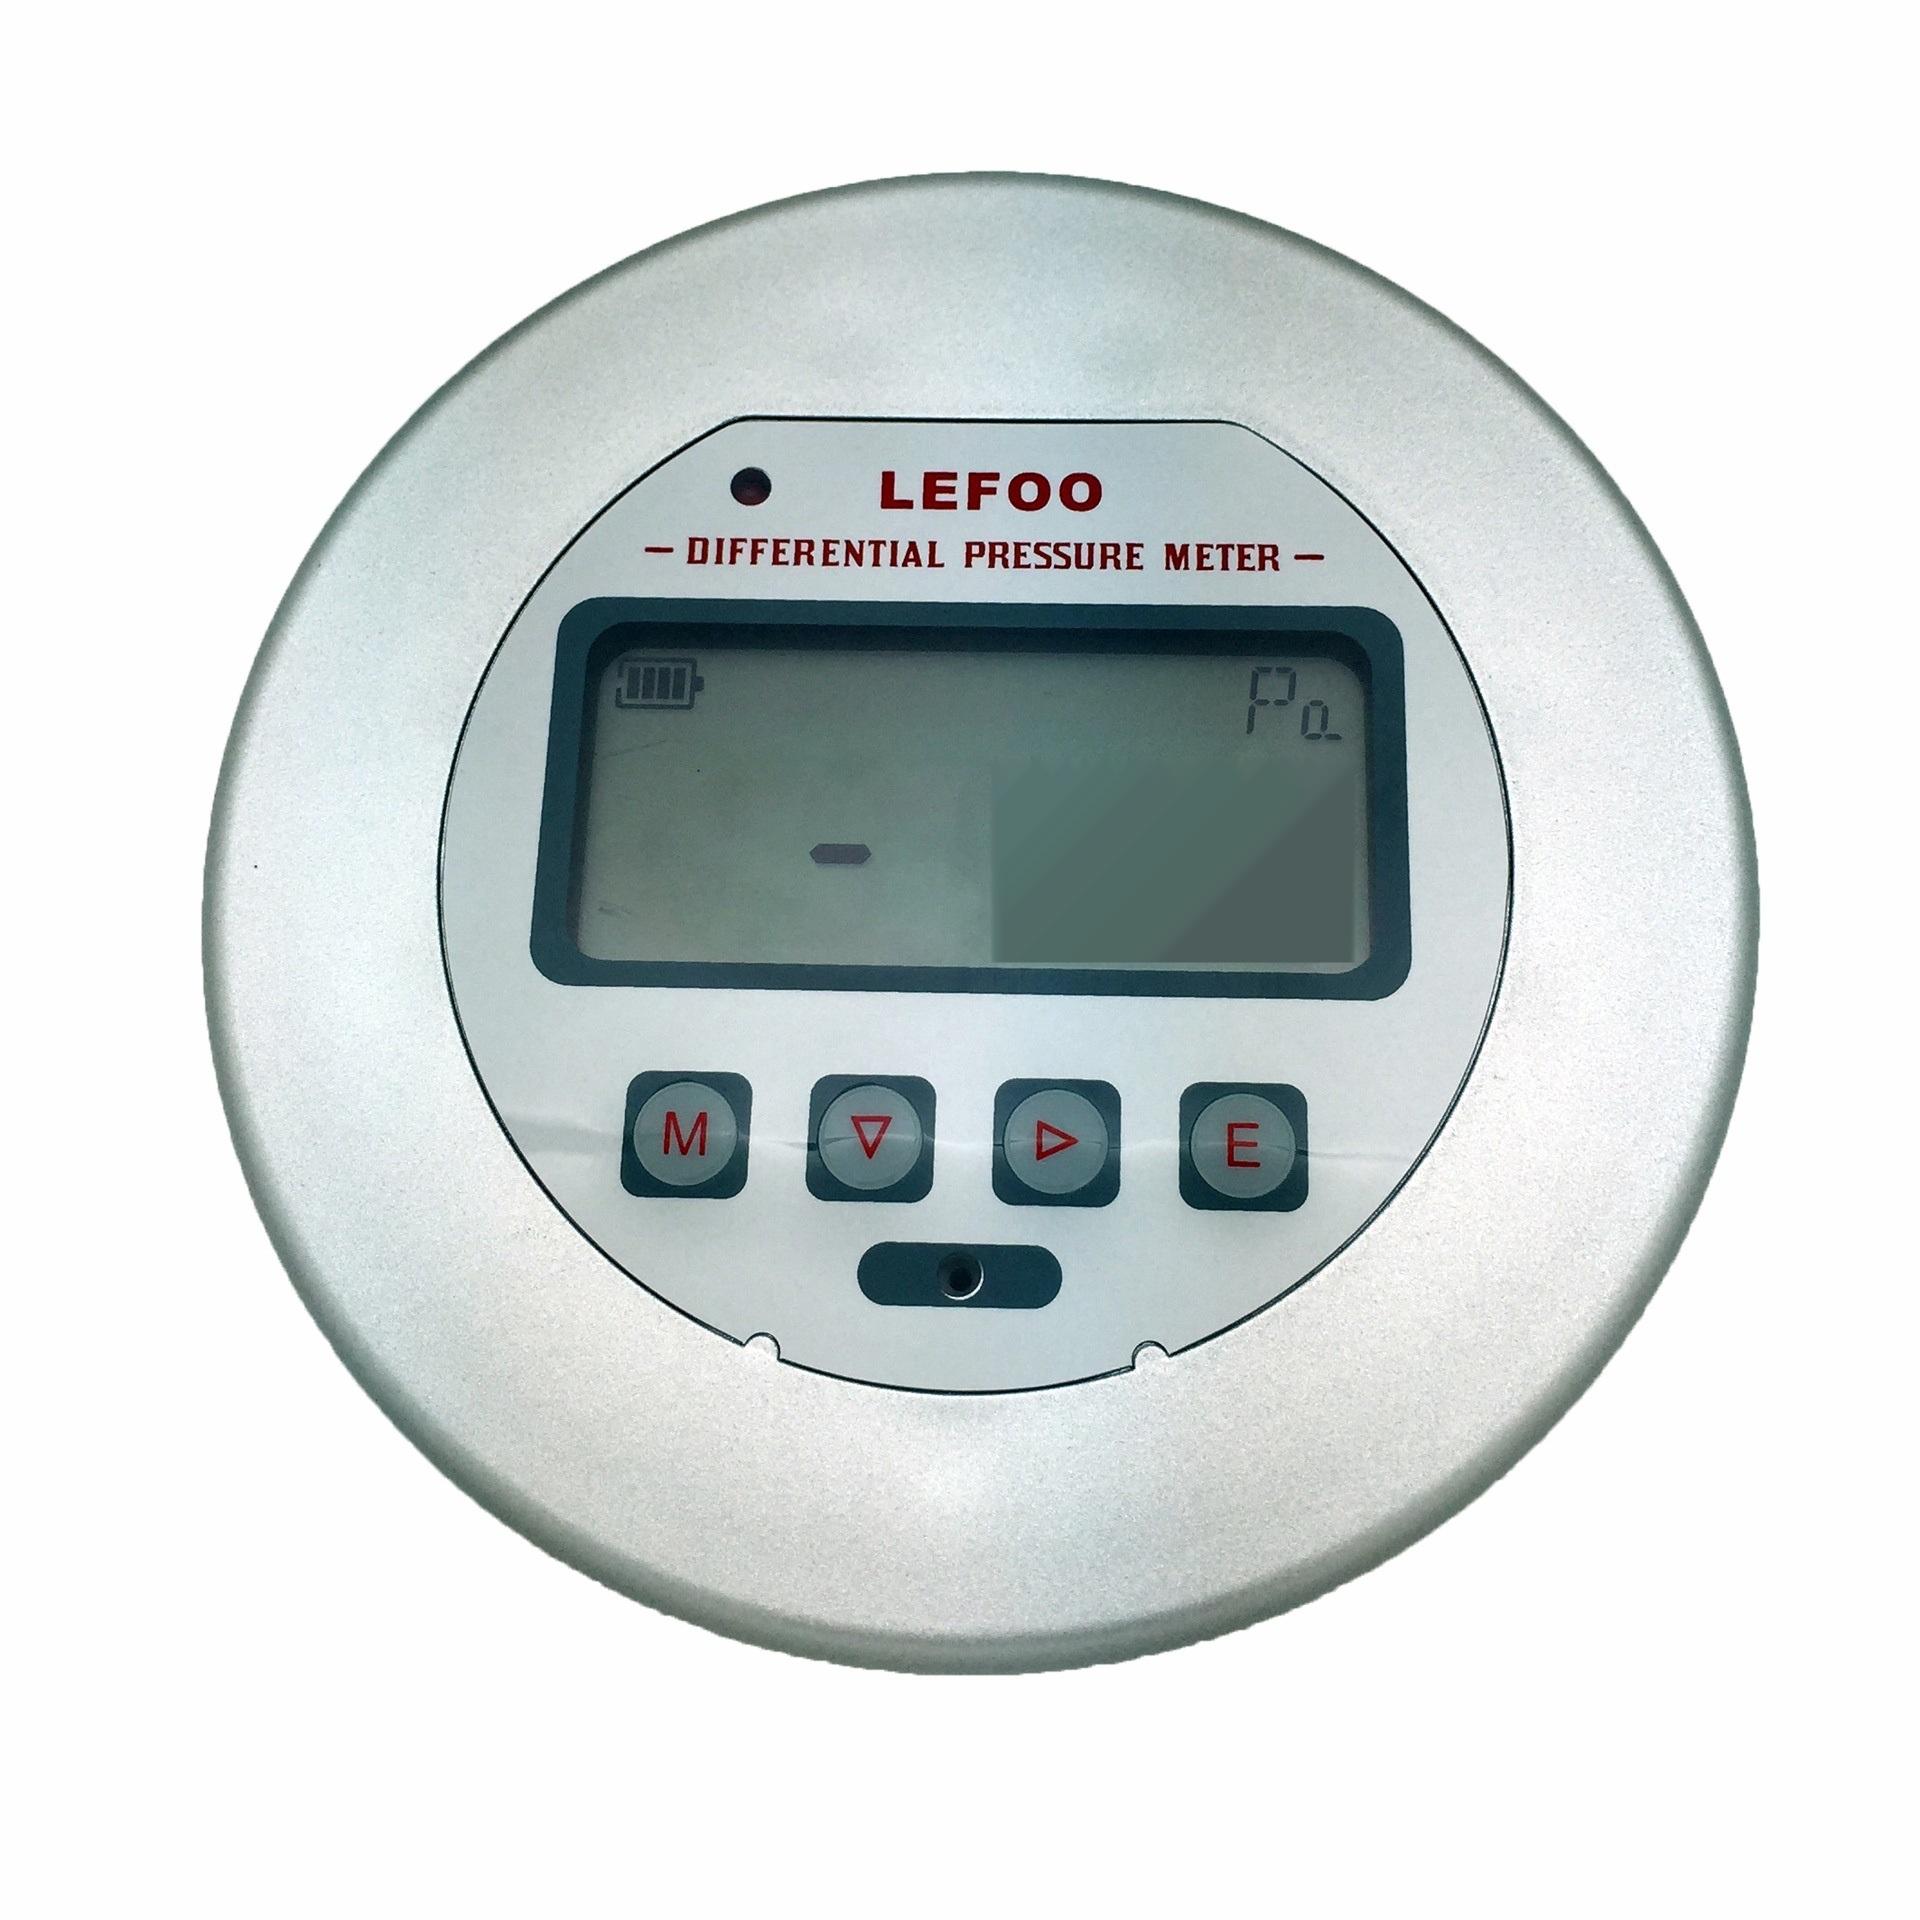 LFM3-2